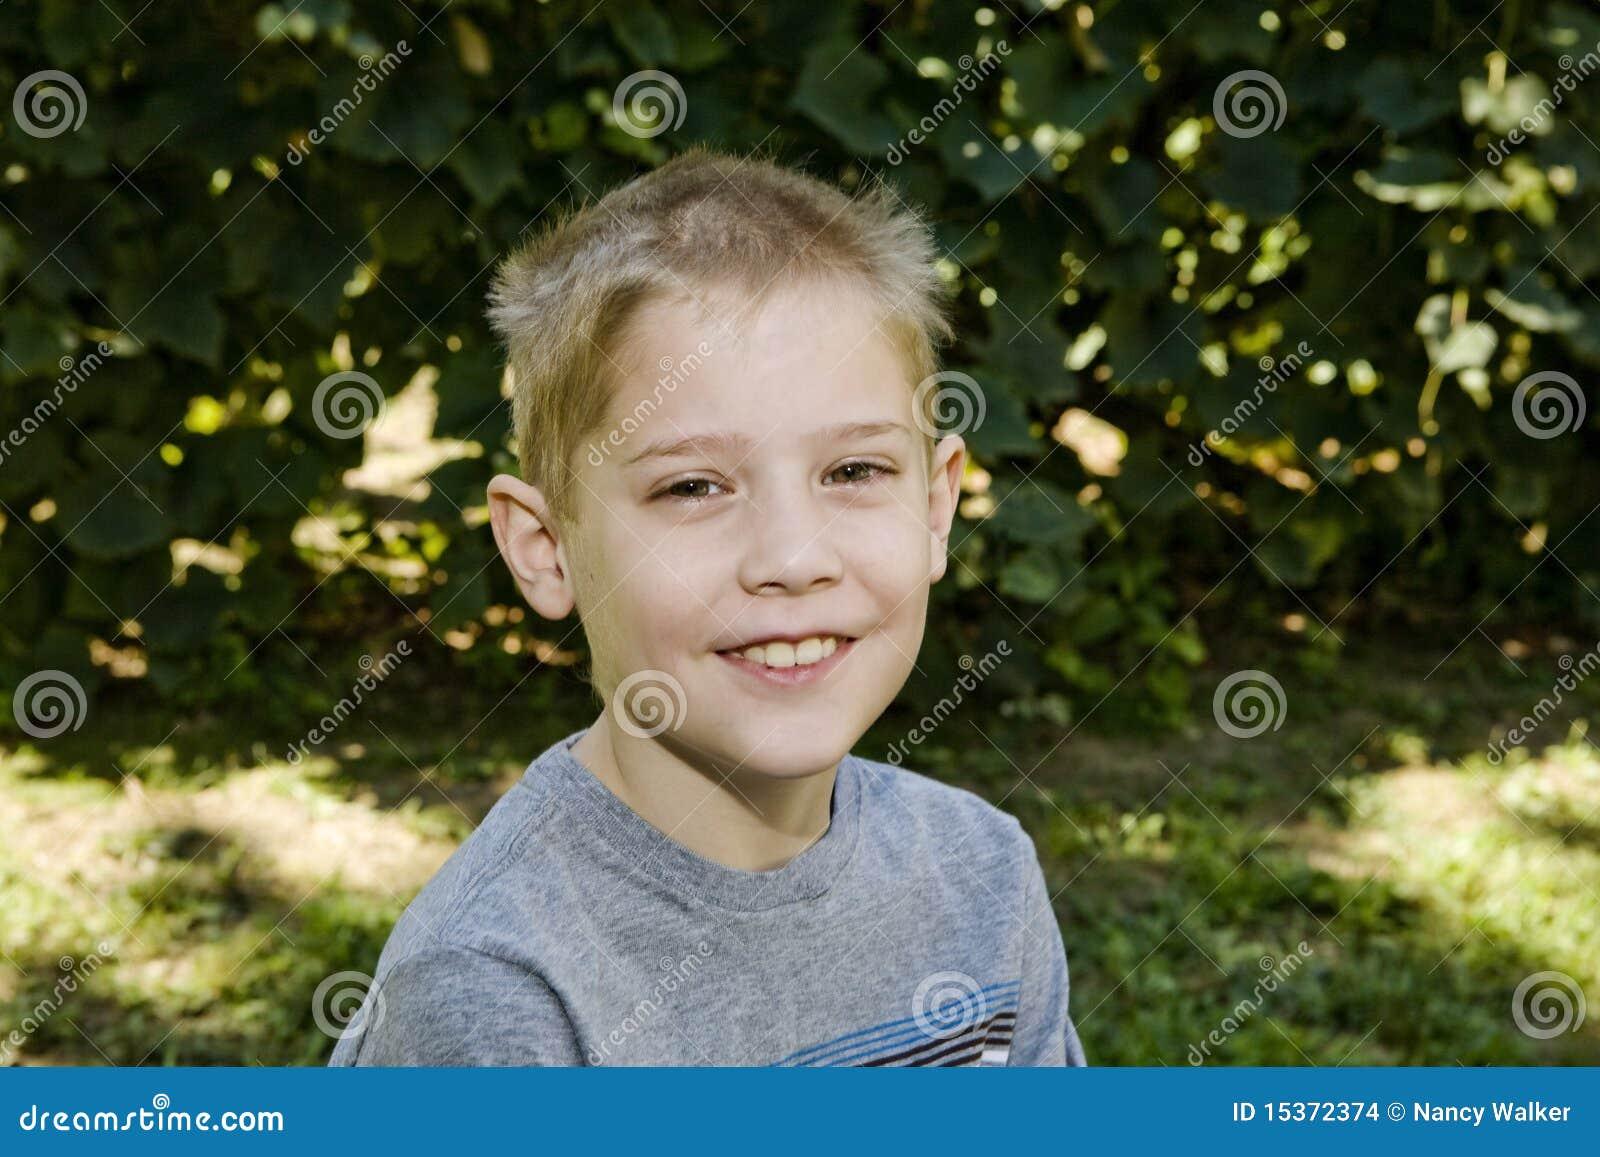 Child s portrait